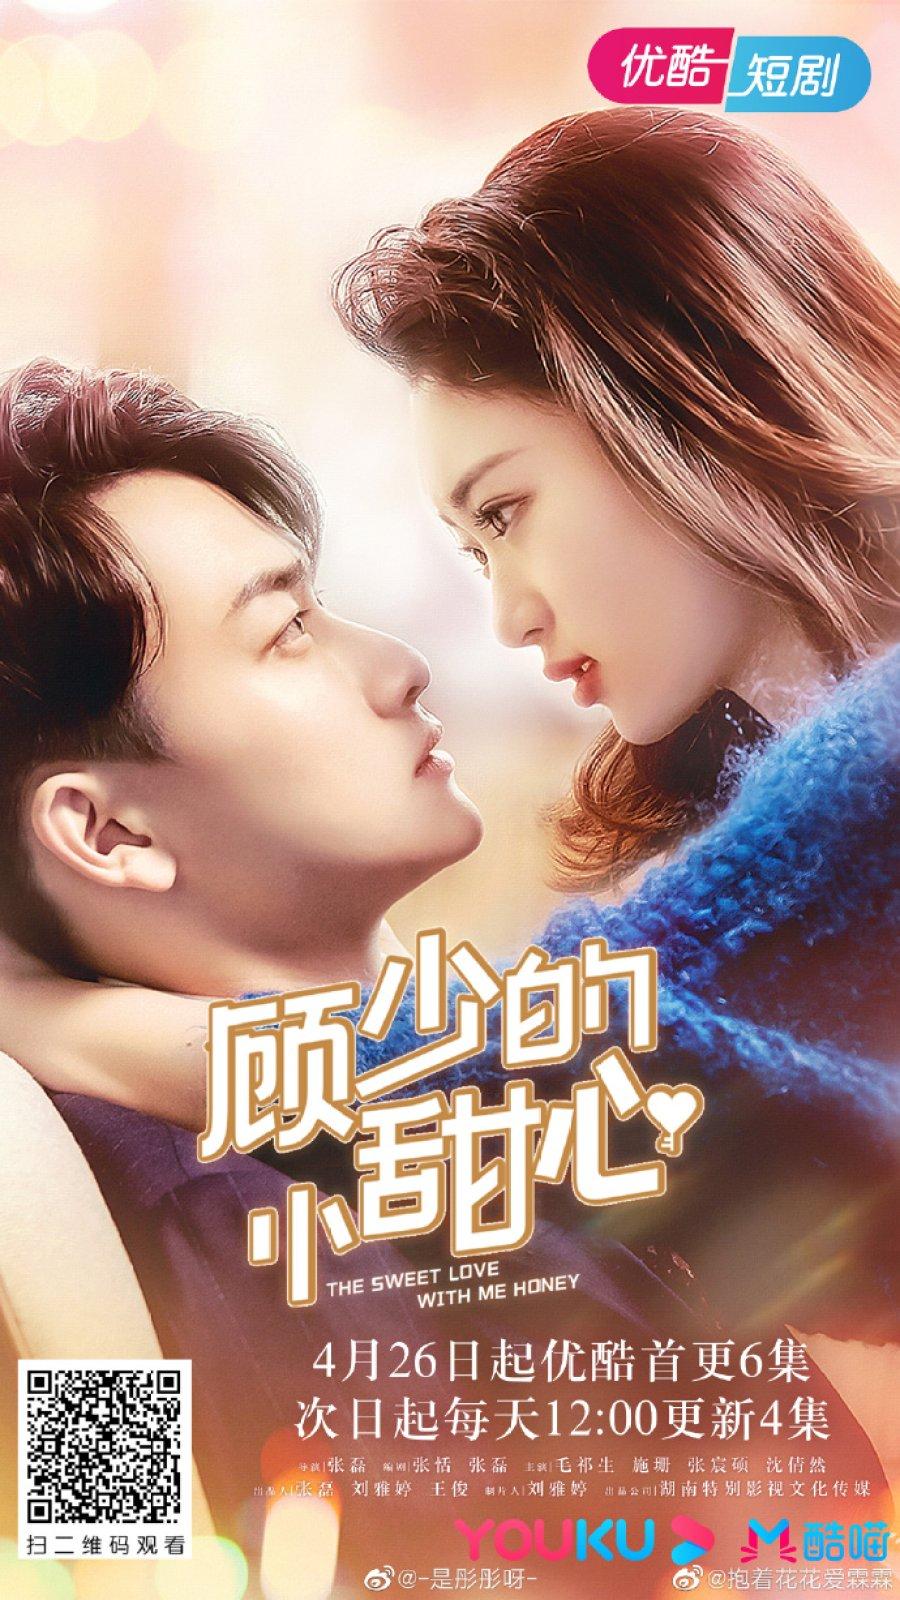 Cục Cưng Của Cố Thiếu Gia - The Sweet Love With Me Honey (2021)